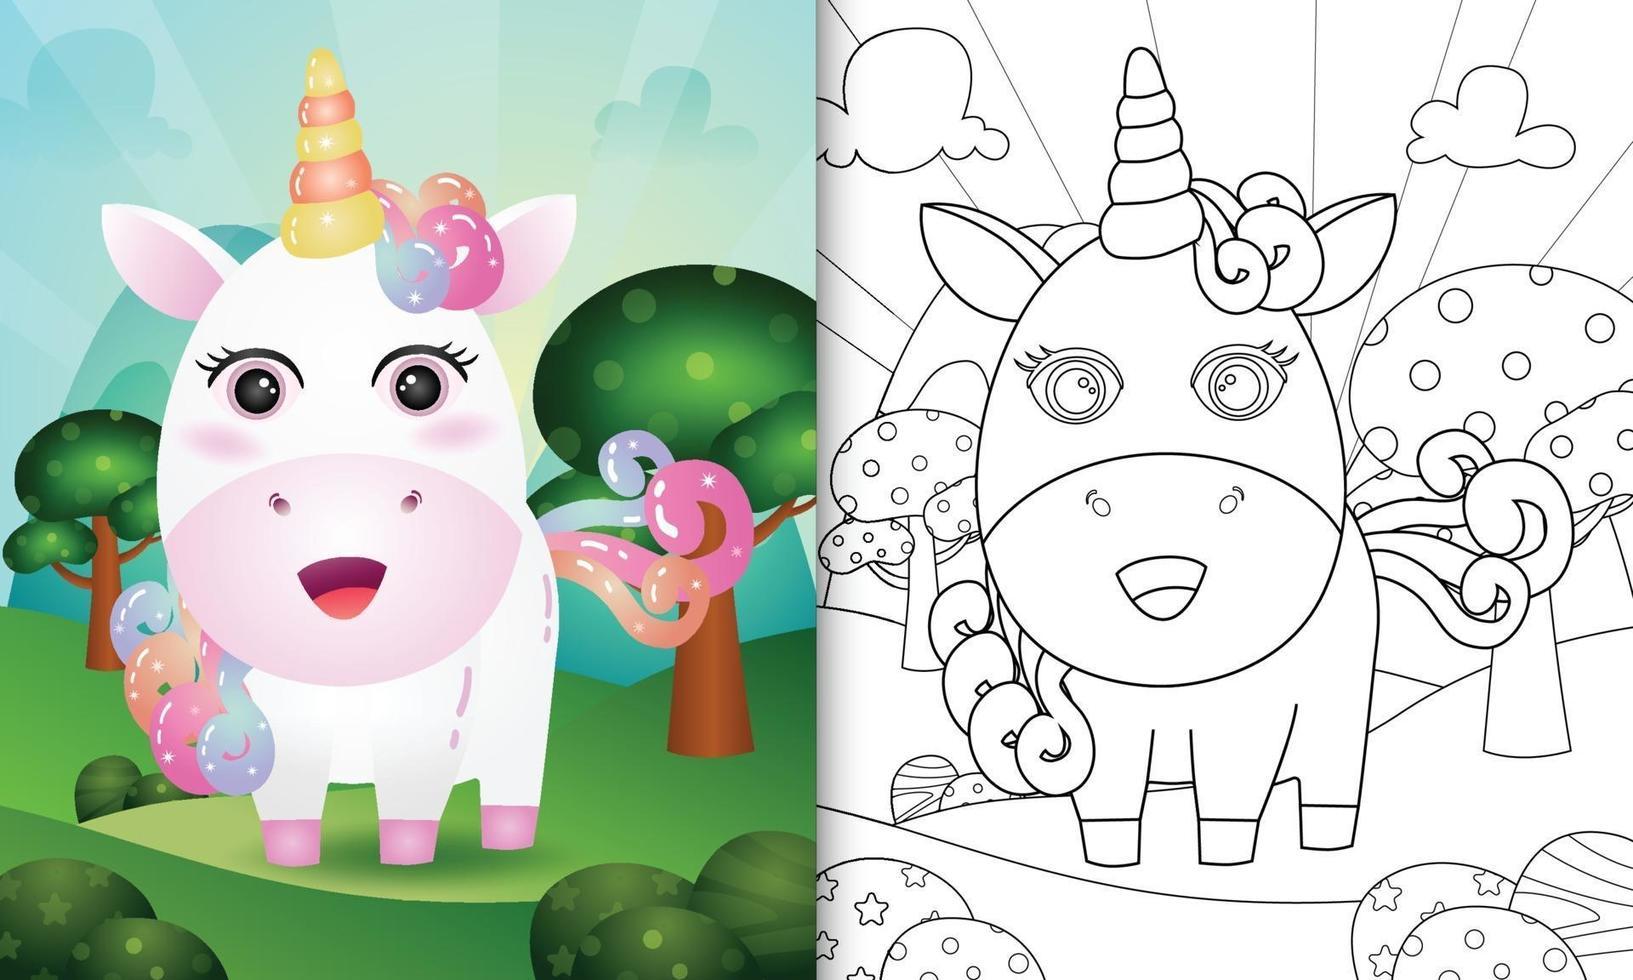 modèle de livre de coloriage pour les enfants avec une illustration de personnage de licorne mignon vecteur